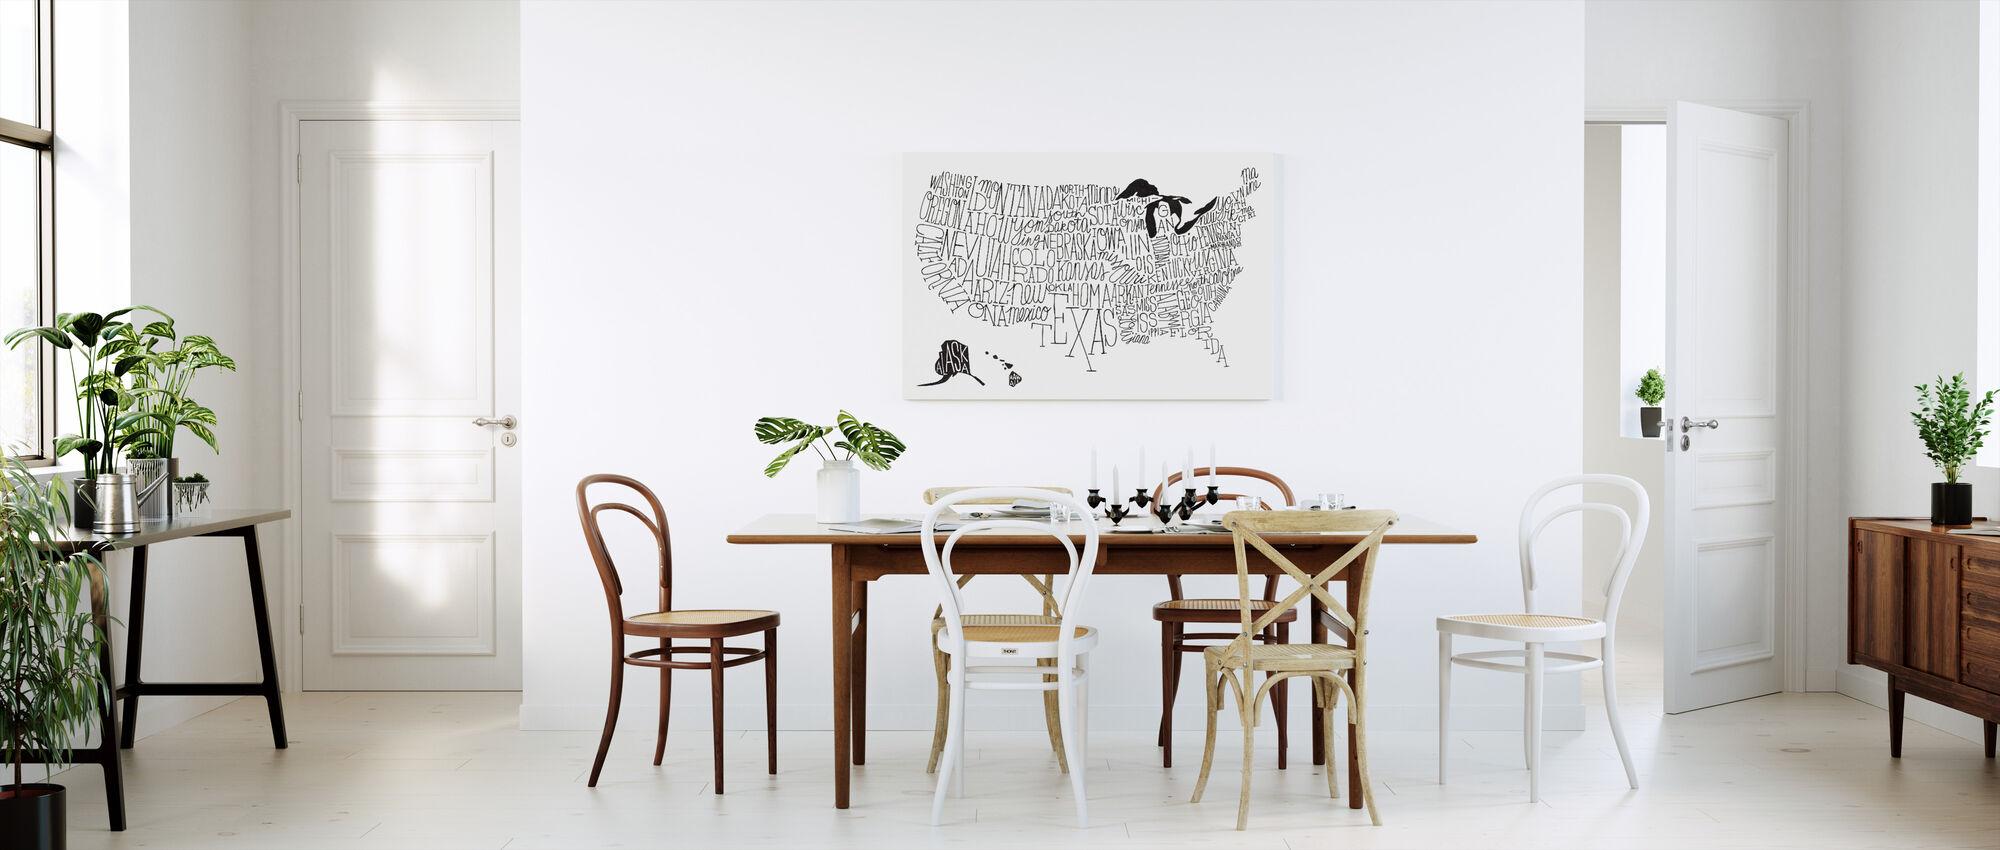 Hånd bogstaver USA kort BW - Billede på lærred - Køkken